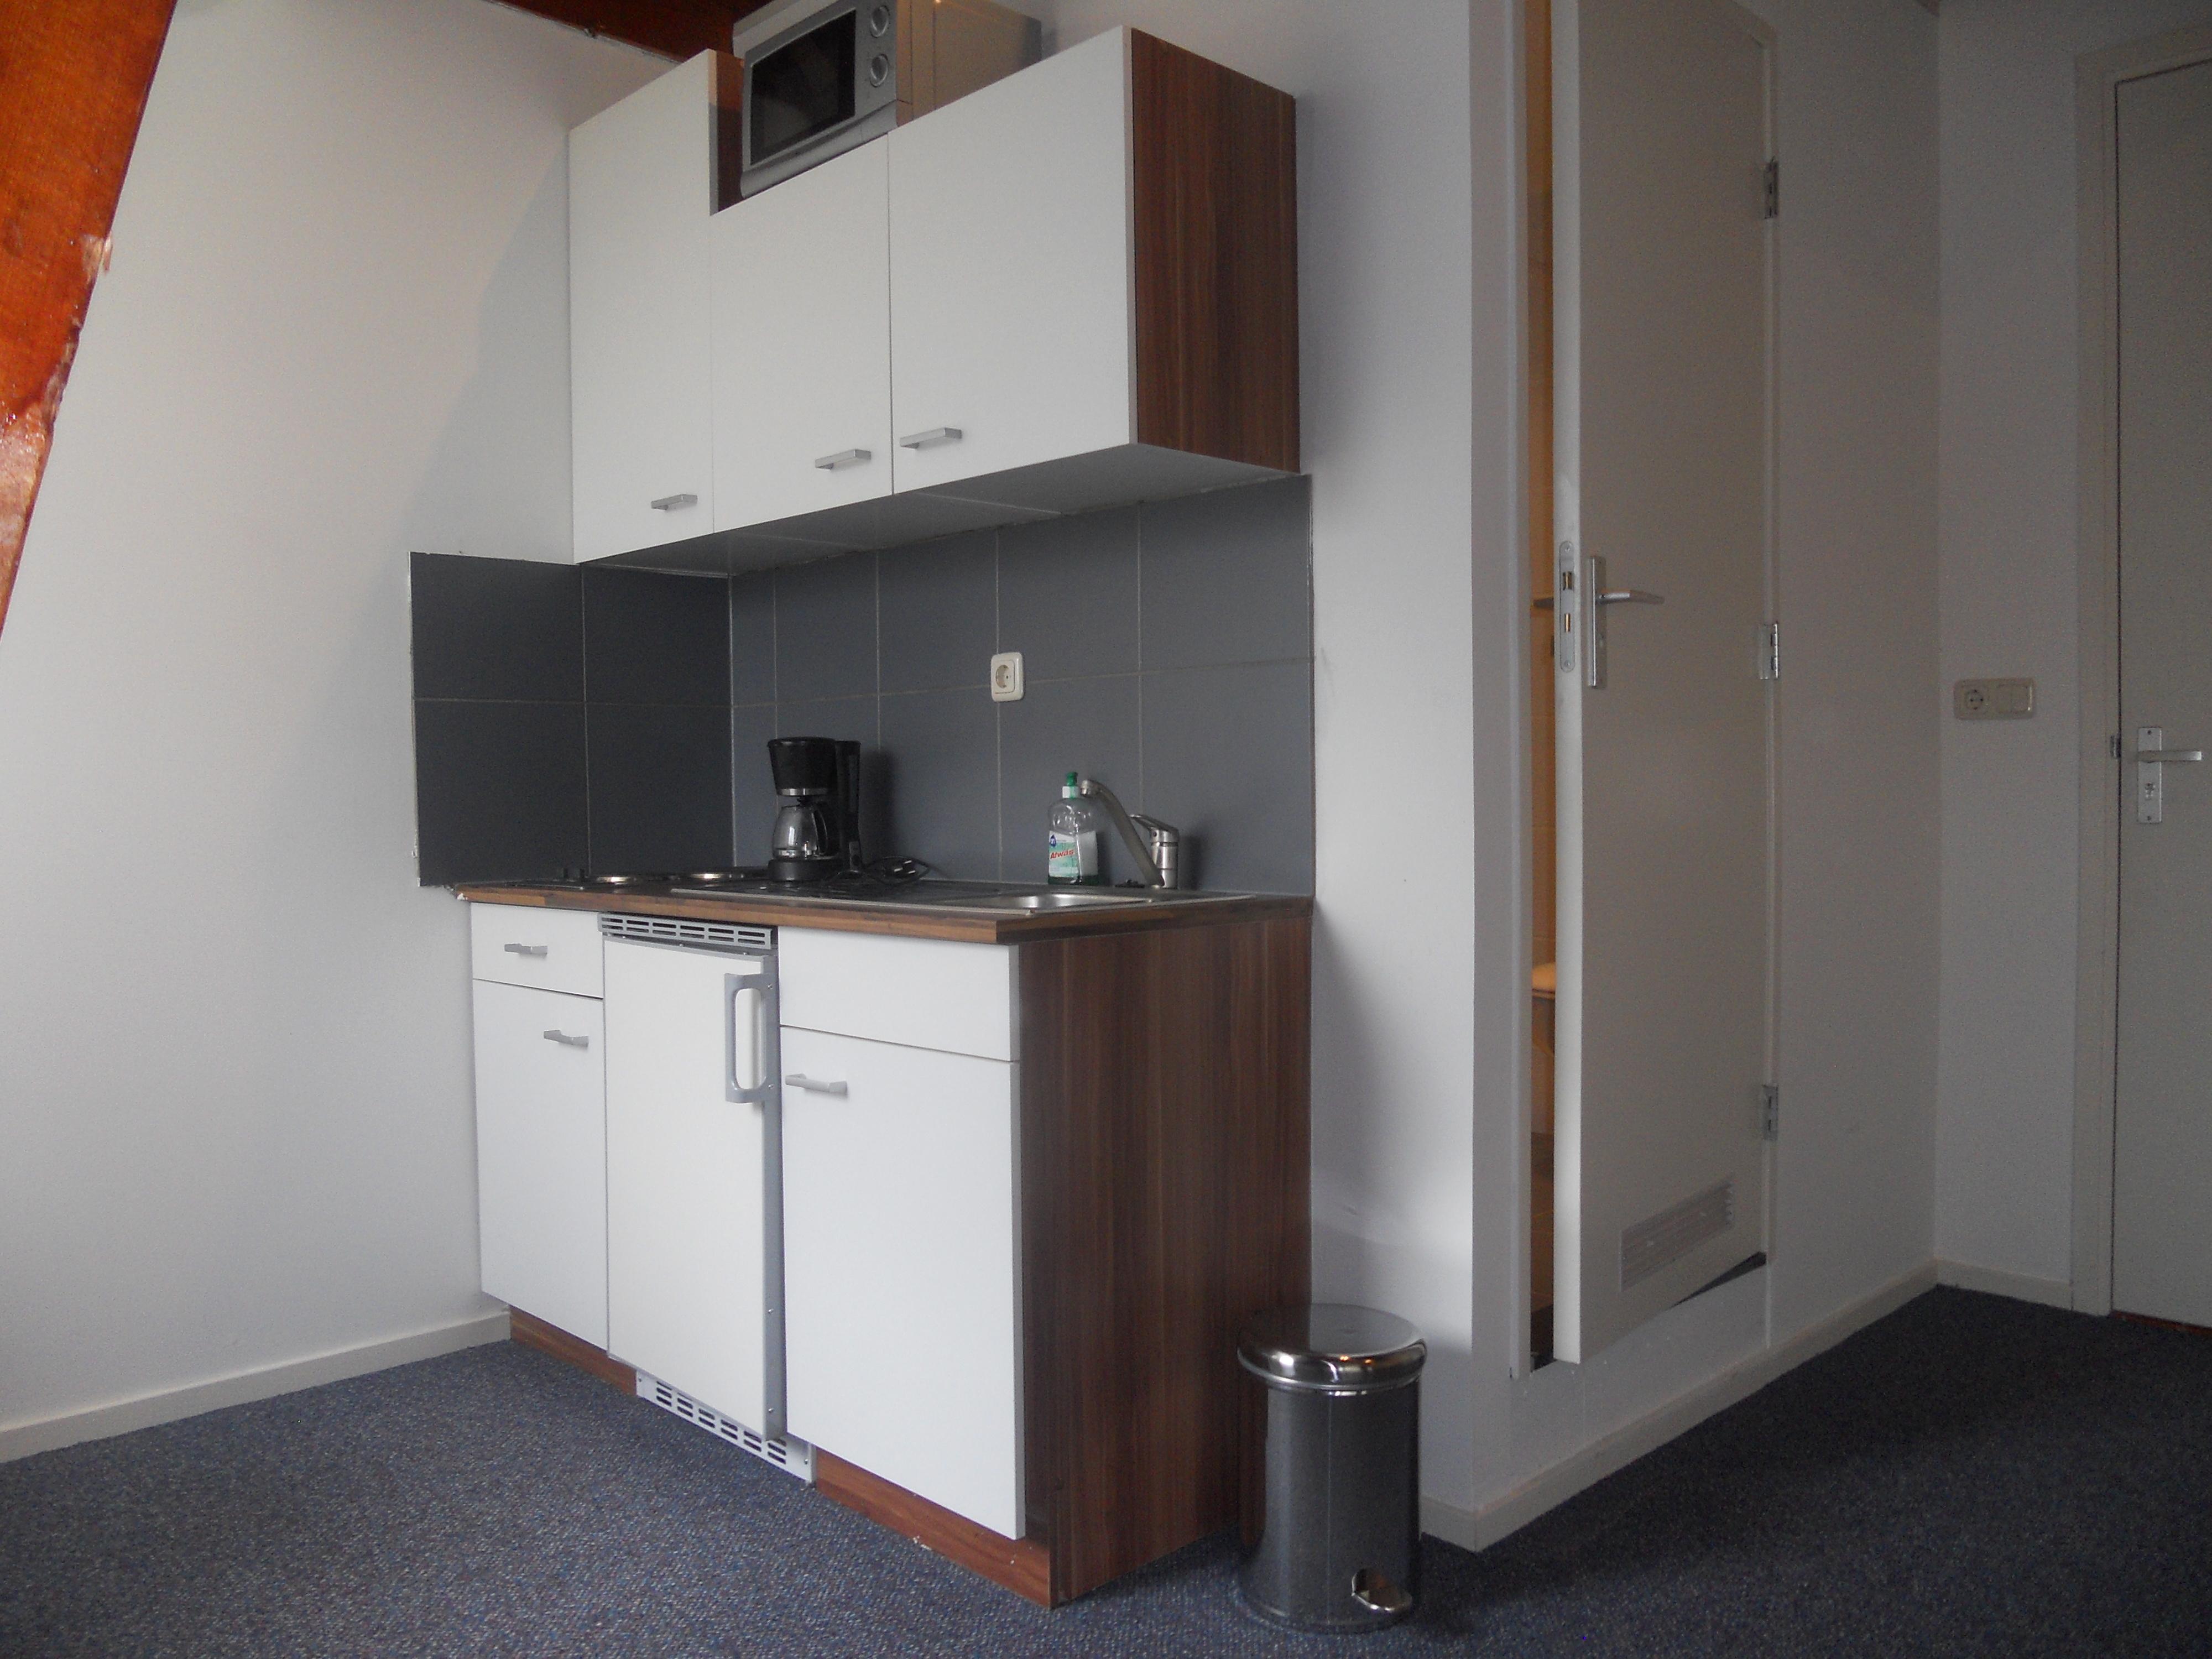 Te huur 3001 6 gemeubileerde studio in het centrumgebied van enschede twents vast enschede - Center meubilair keuken ...